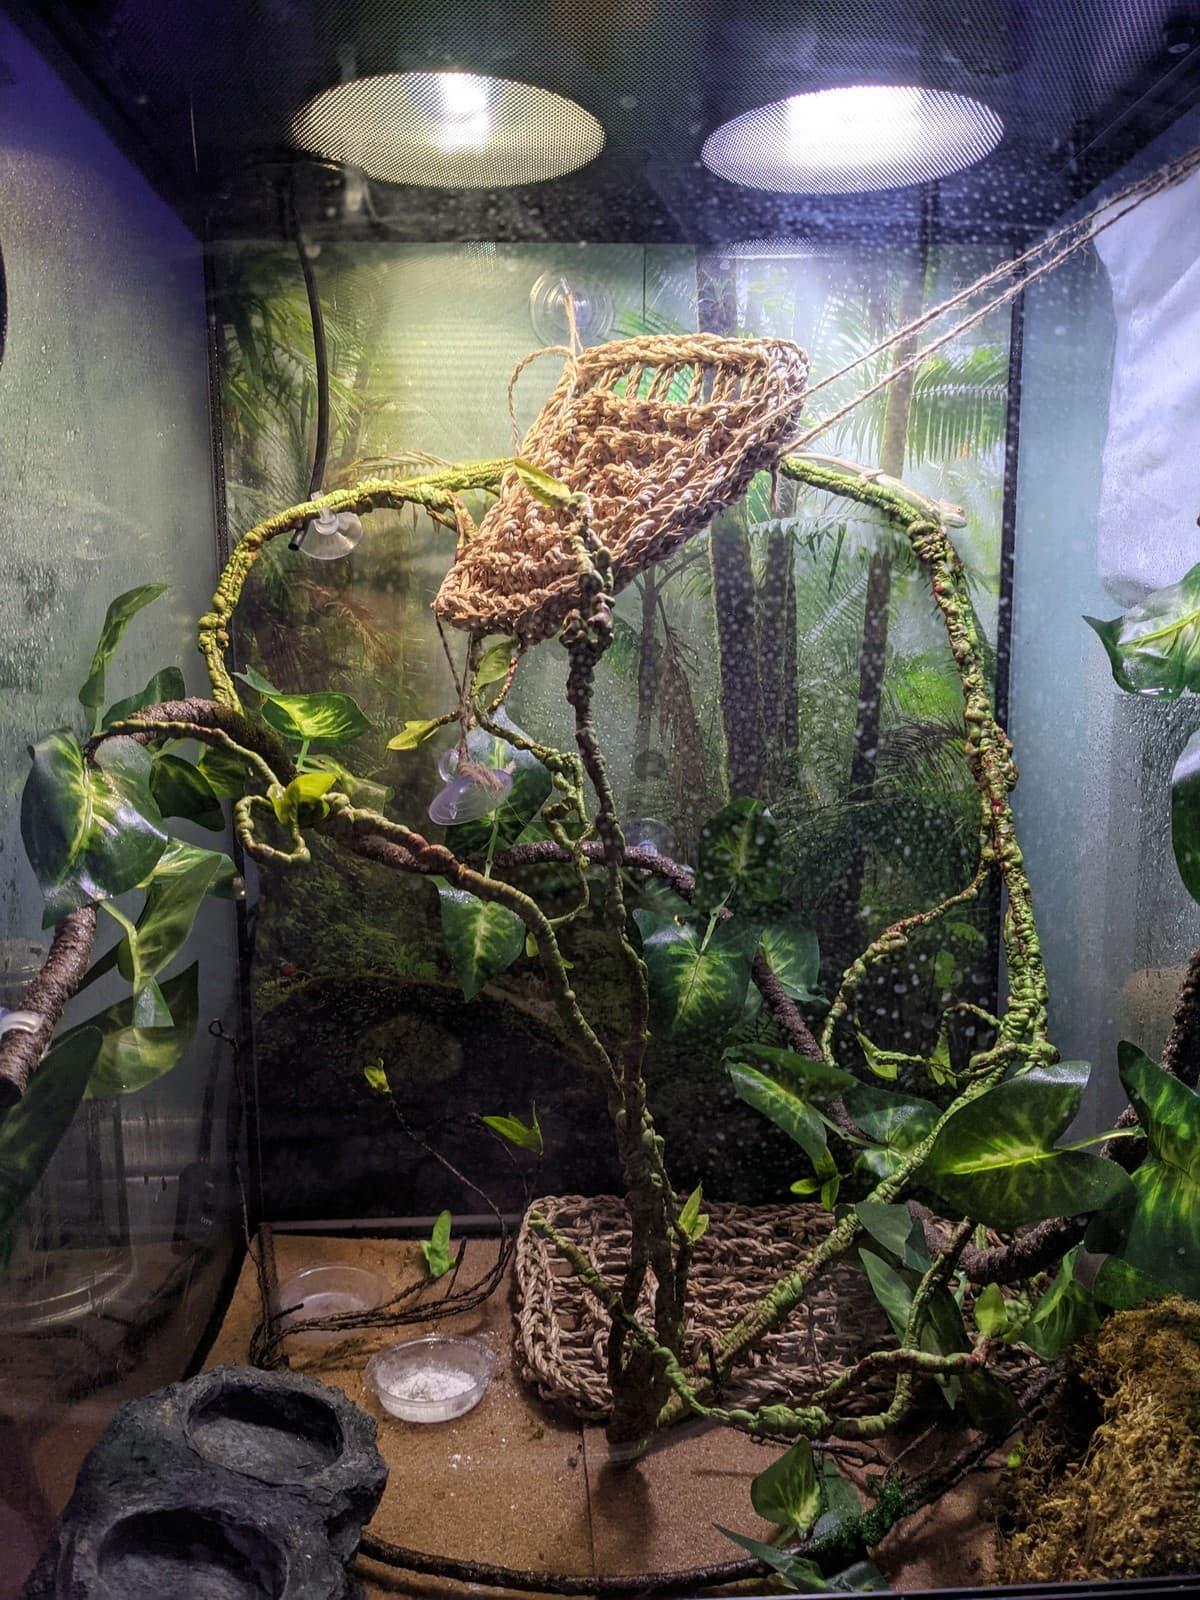 cage set up for a chameleon